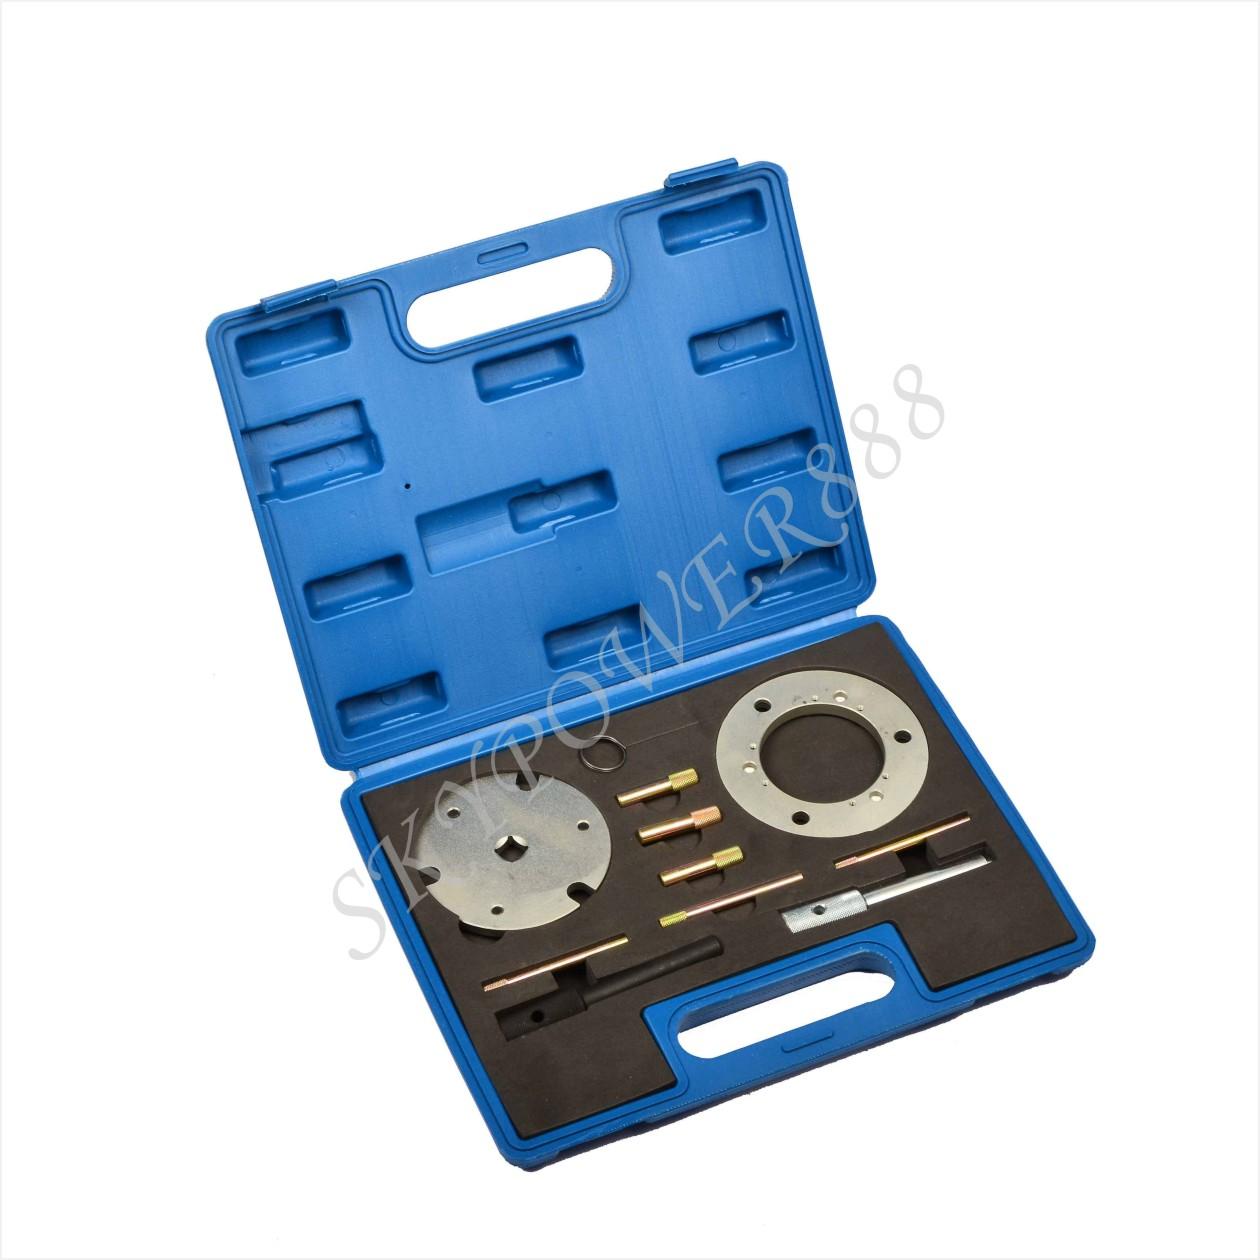 06 Ford Transit 2 4tdi Lwb: For Ford Mondeo & Transit Engine Timing Garage Tool Kit 2